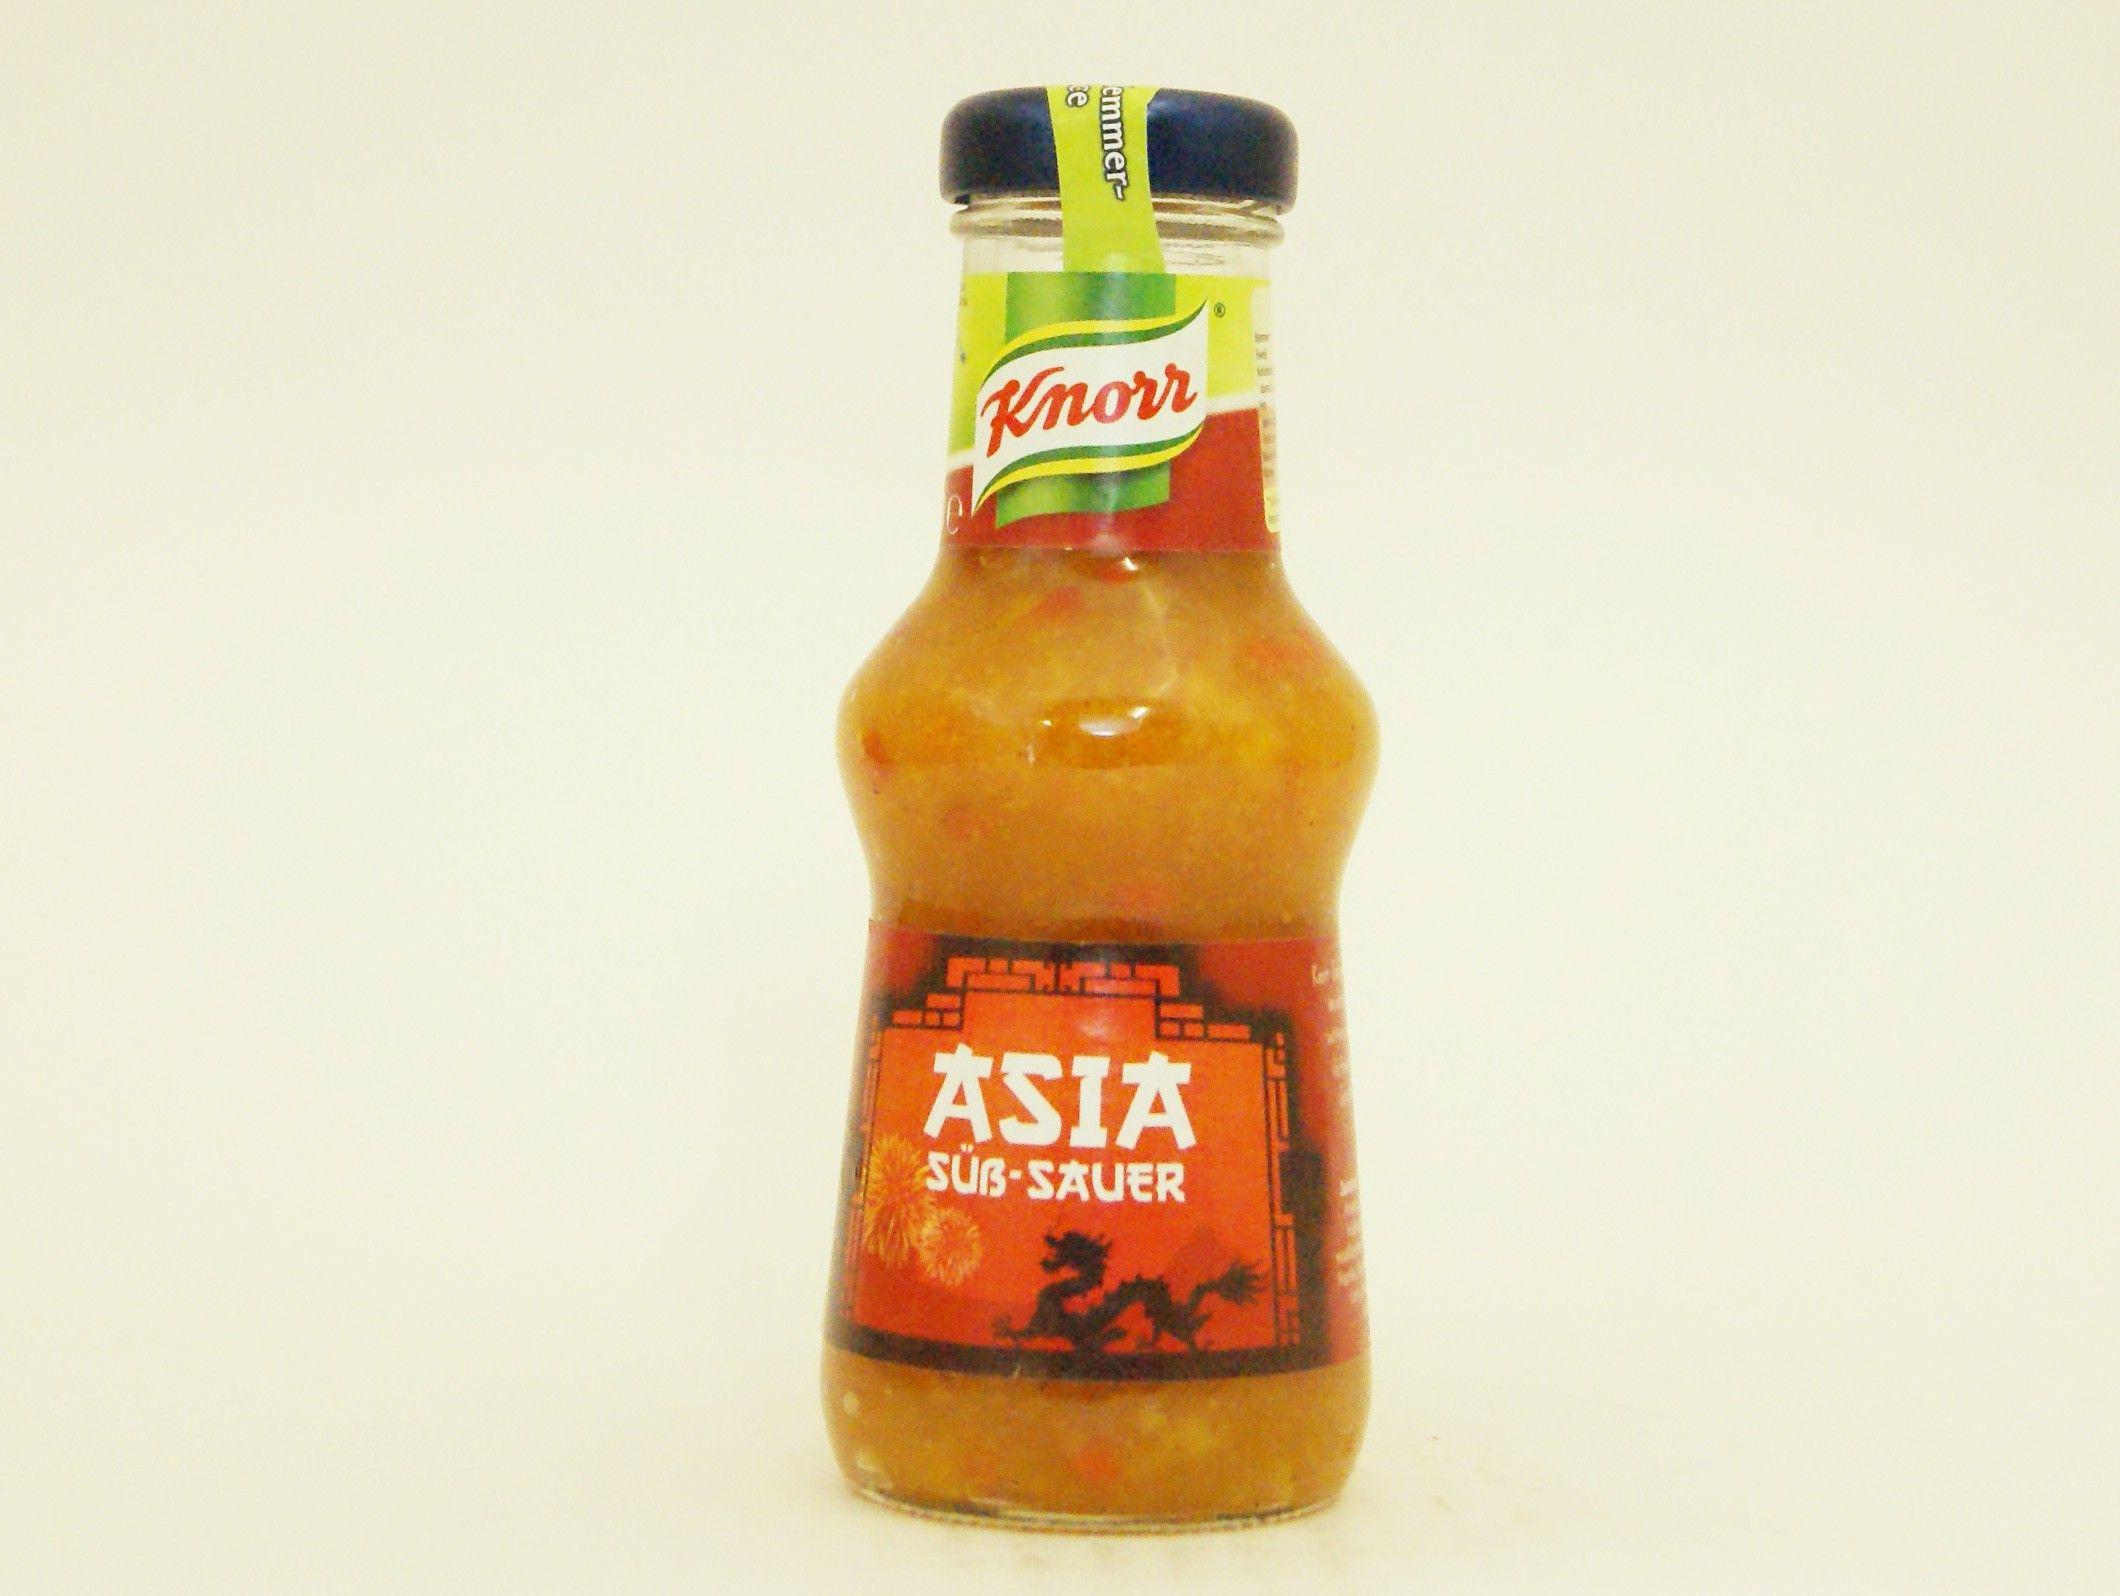 """Für alle Aufgeschlossenen, die auch mal neue Geschmacksrichtungen mit Fleisch und Würstchen kombinieren wollen, hat Knorr pünktlich zum Start der Grillsaison neue Saucen auf den Markt gebracht. Die """"Knorr Grillsauce Asia Süß-Sauer"""" steht für feinen asiatischen Geschmack ohne Zusatz- und Konservierungsstoffe, der besonders gut zur Verfeinerung fernöstlicher Gerichte geeignet ist. #knorr #bbq #grillen #barbecue #meat #fleisch #asia #hot #sweetsour #suesssauer #grillsauce #food"""